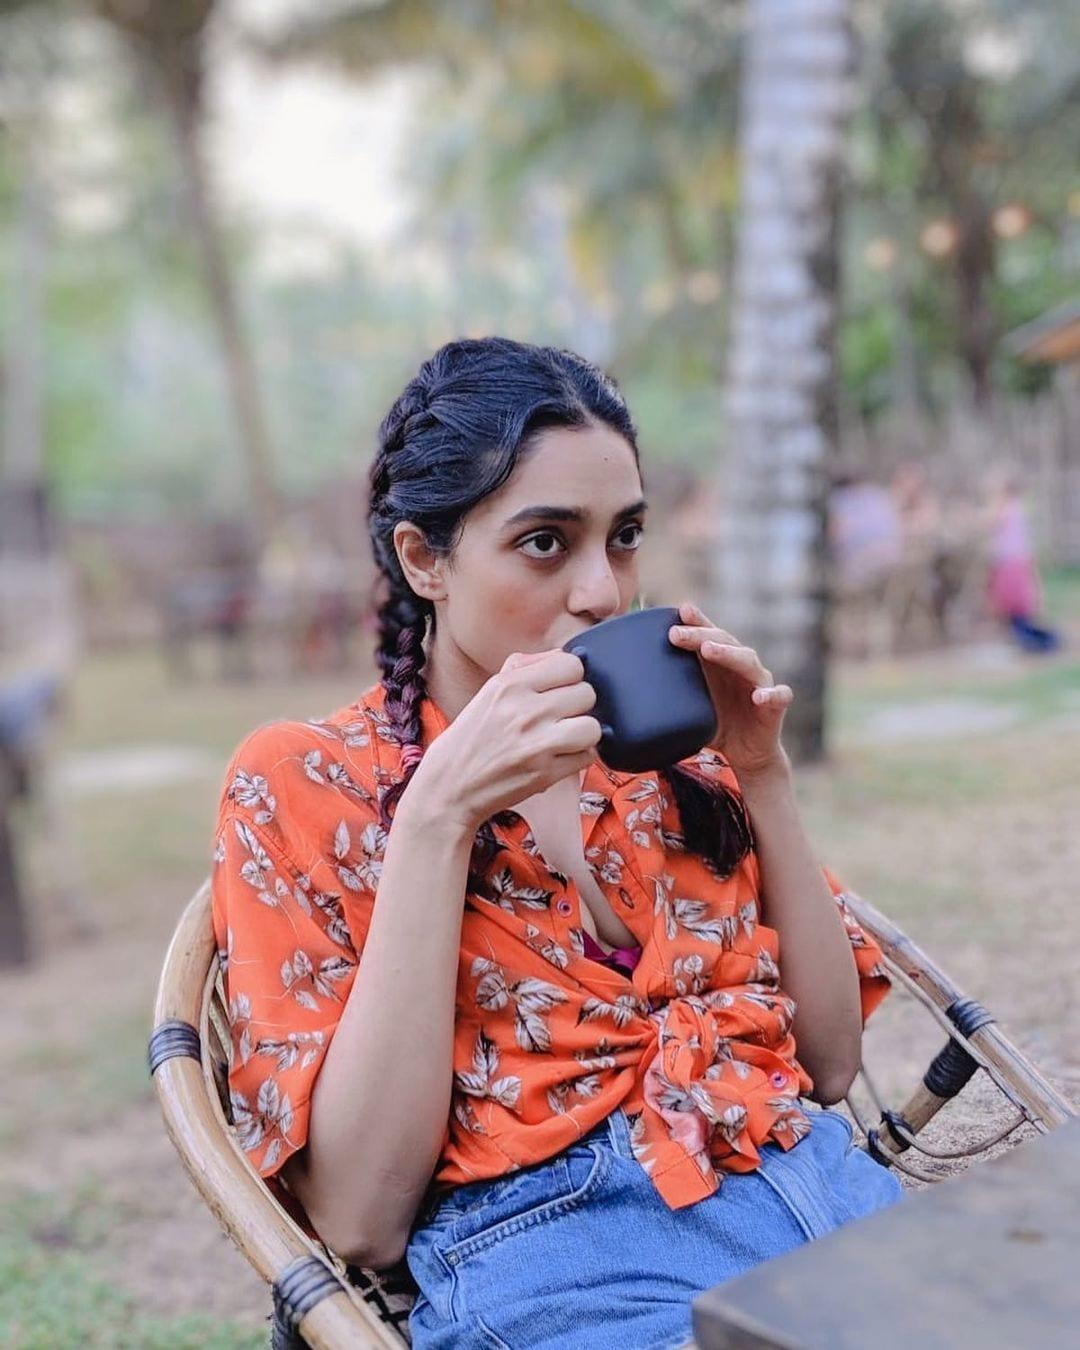 తెలుగమ్మాయి శోభిత దూళిపాళ్ల హాట్ అండ్ లేటెస్ట్ ఫోటోలు Photo Credit: Instagram